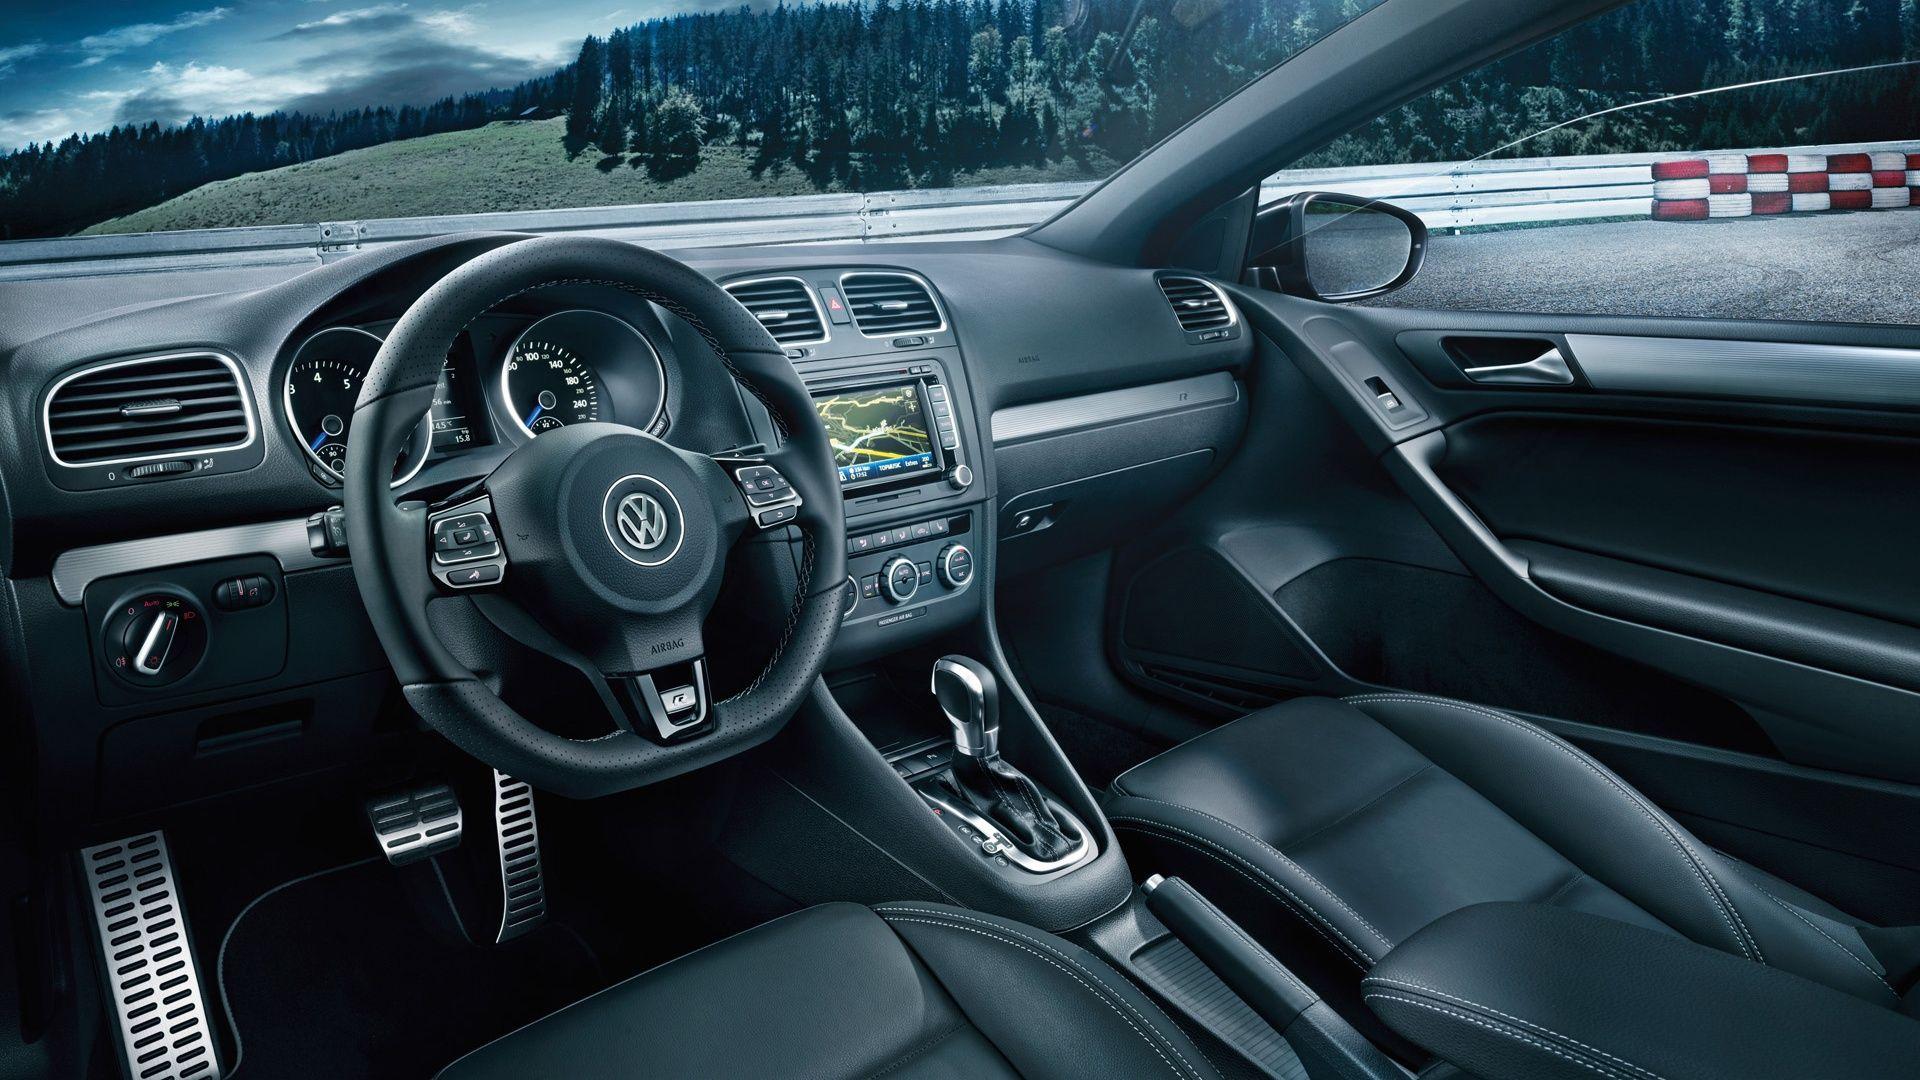 HD Volkswagen Interior Wallpapers